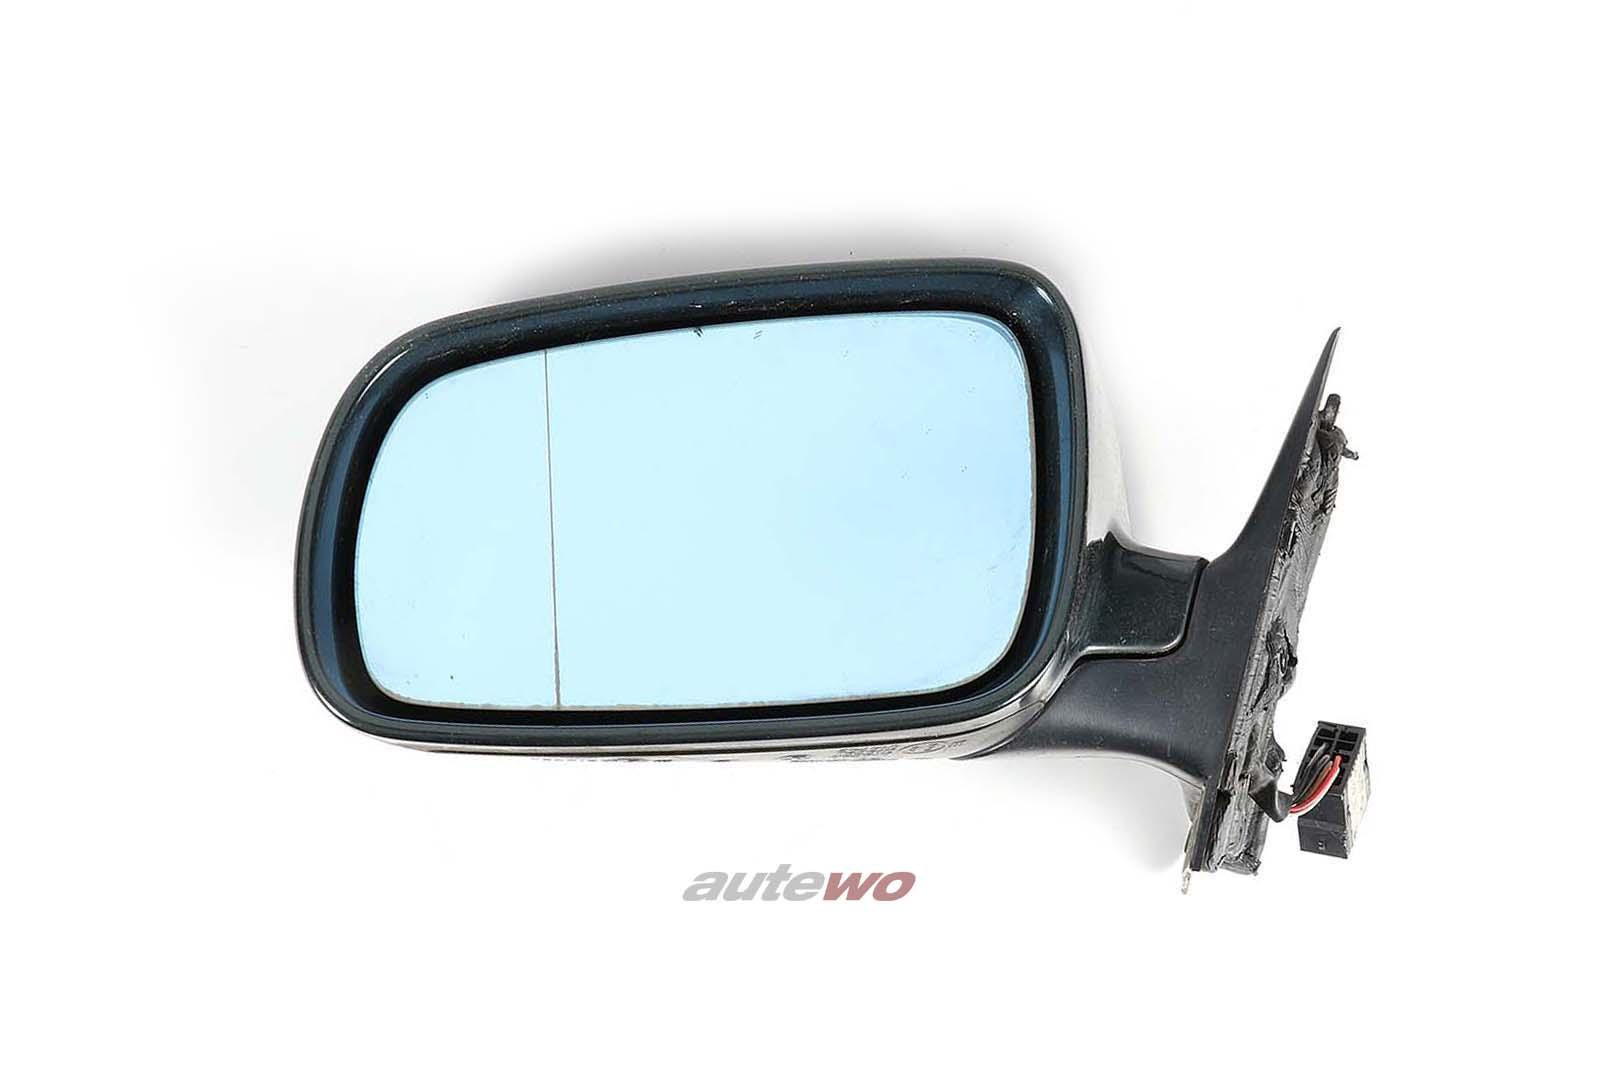 8D1858531C Audi A4/S4 B5 elektr. Außenspiegel Links dunkelgrün